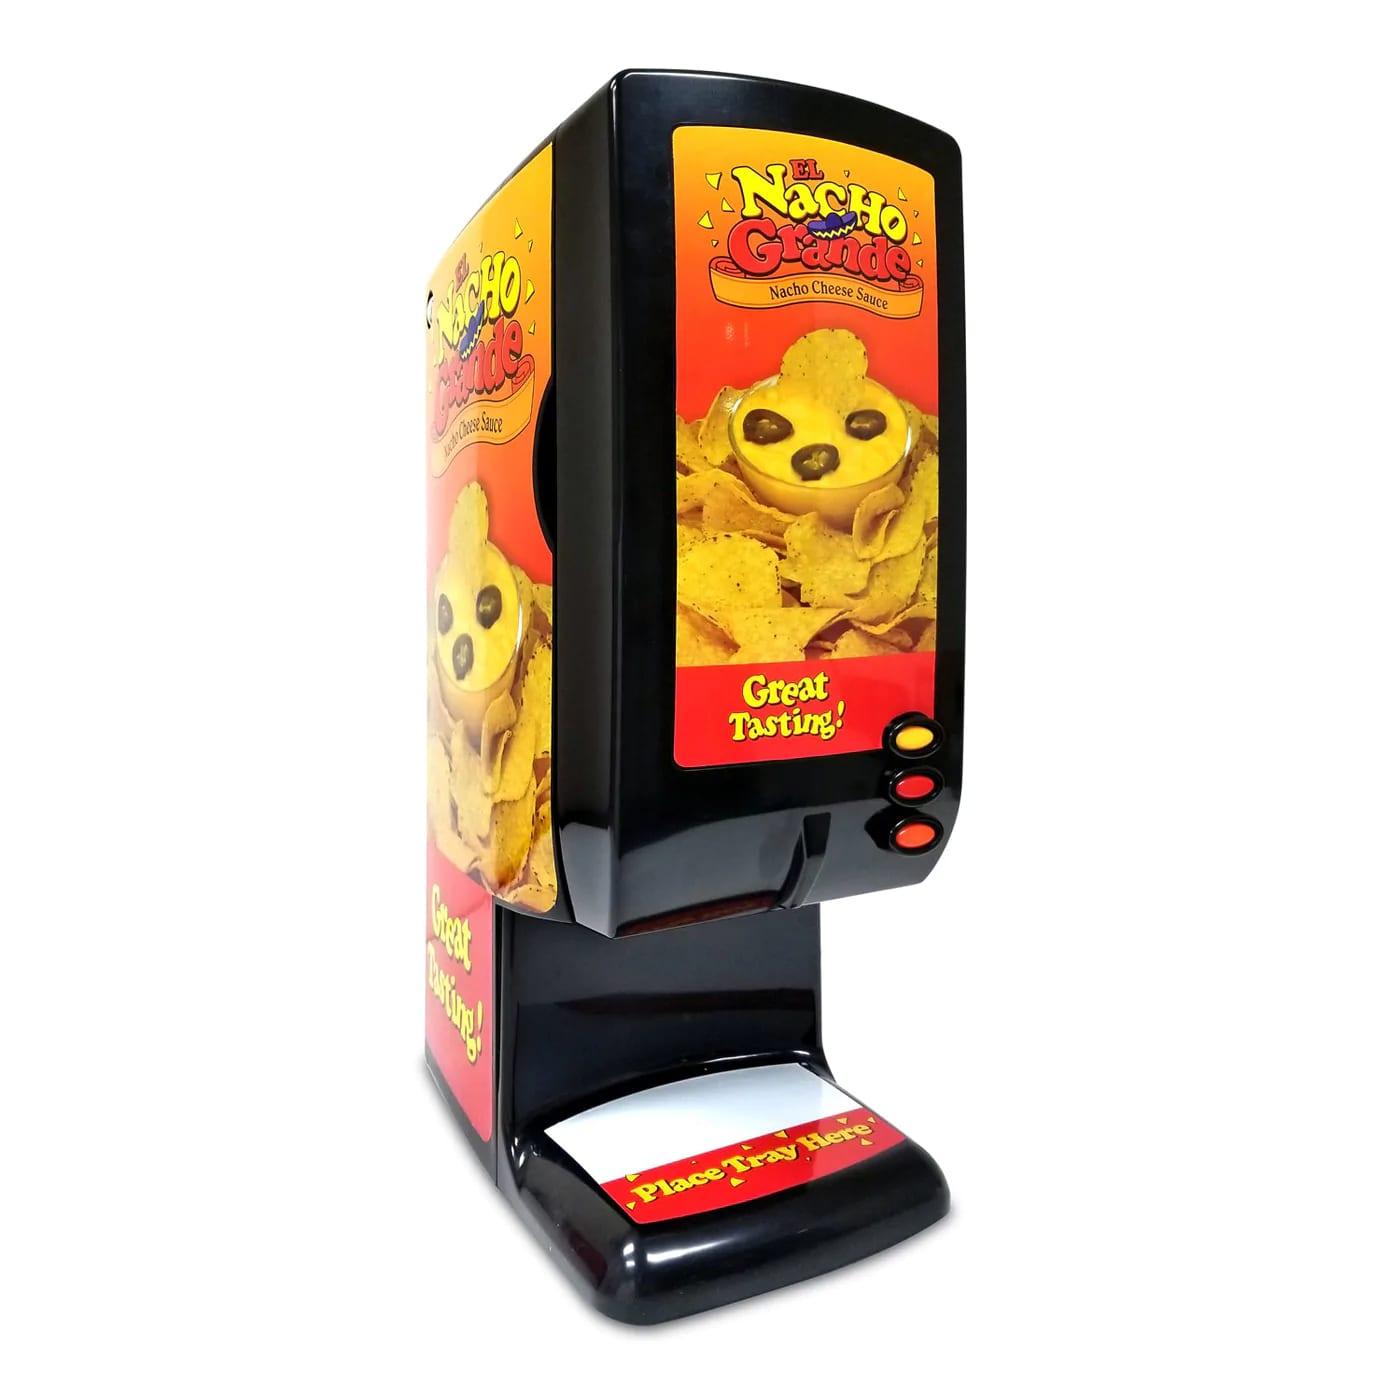 Gold Medal 5300 El Nacho Grande Bag Cheese Dispenser w/ 3 Button & Air-Tight Controls